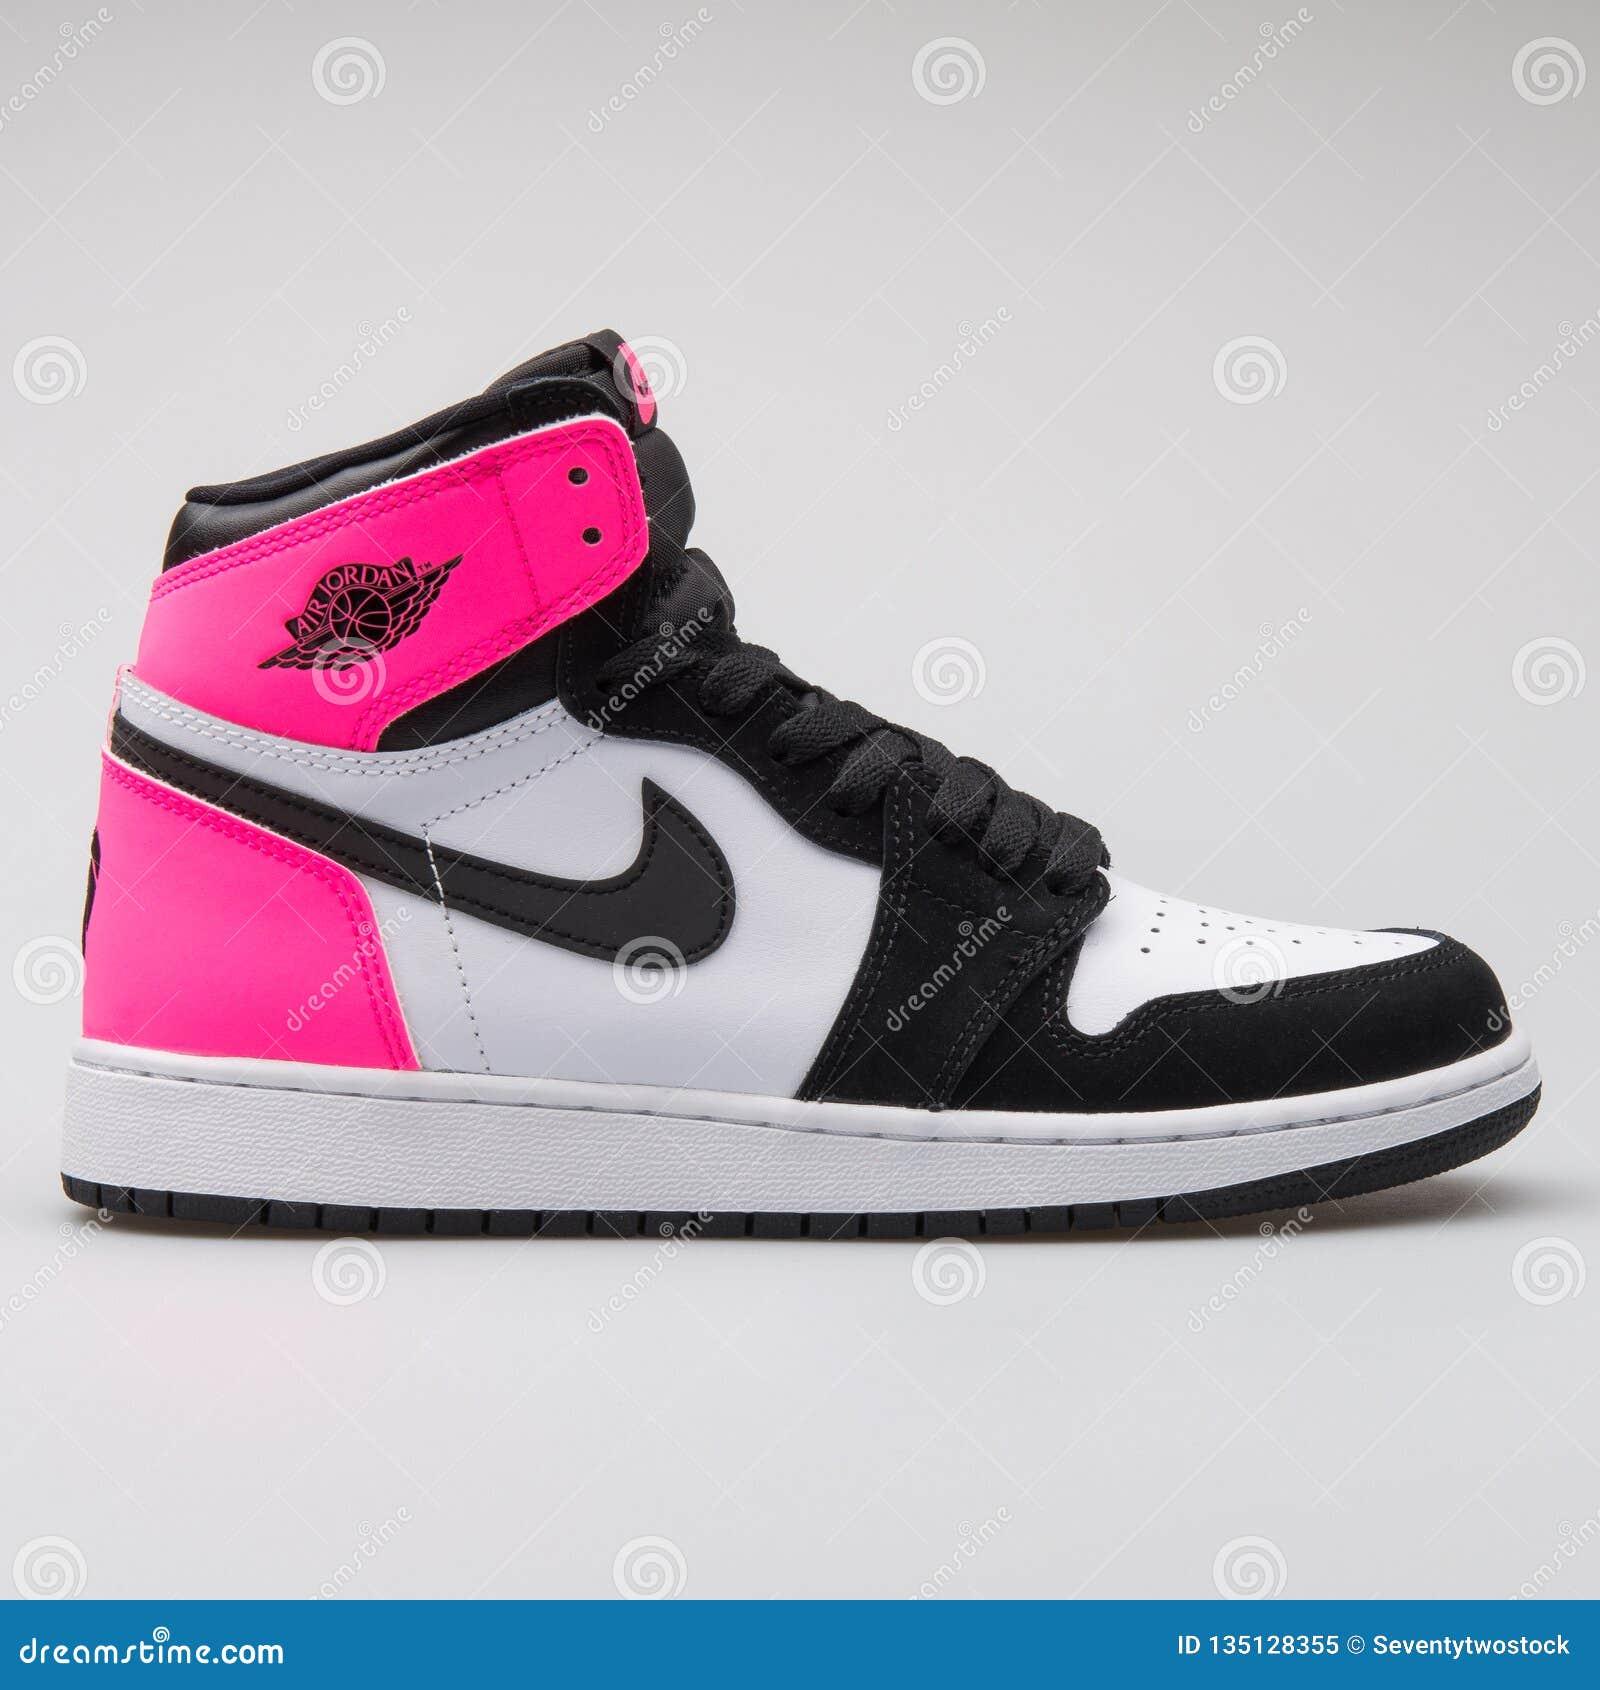 Nike Air Jordan 1 Retro High OG GG